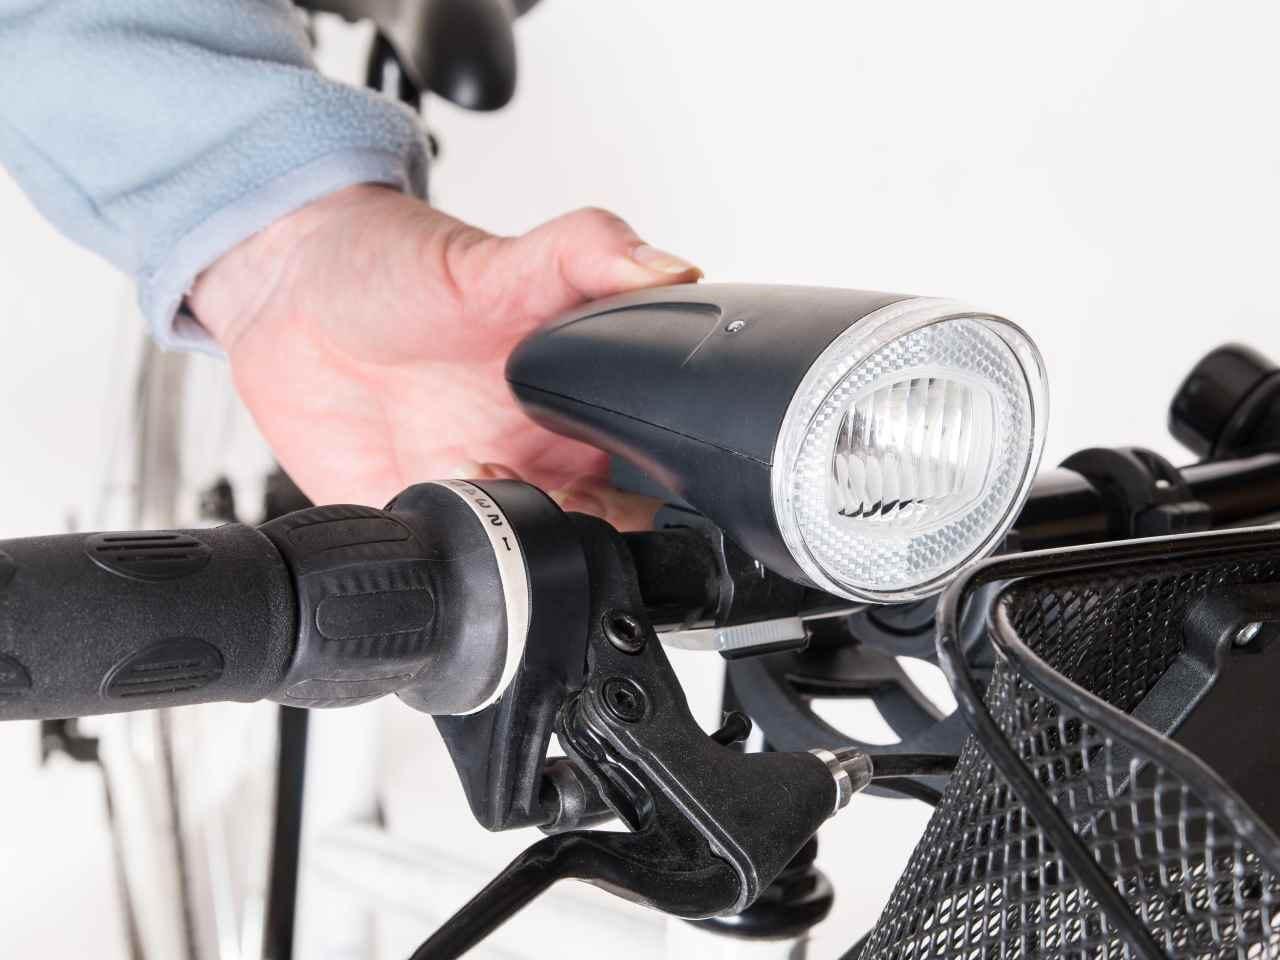 Fahrradbeleuchtung: Welche Variante ist optimal?